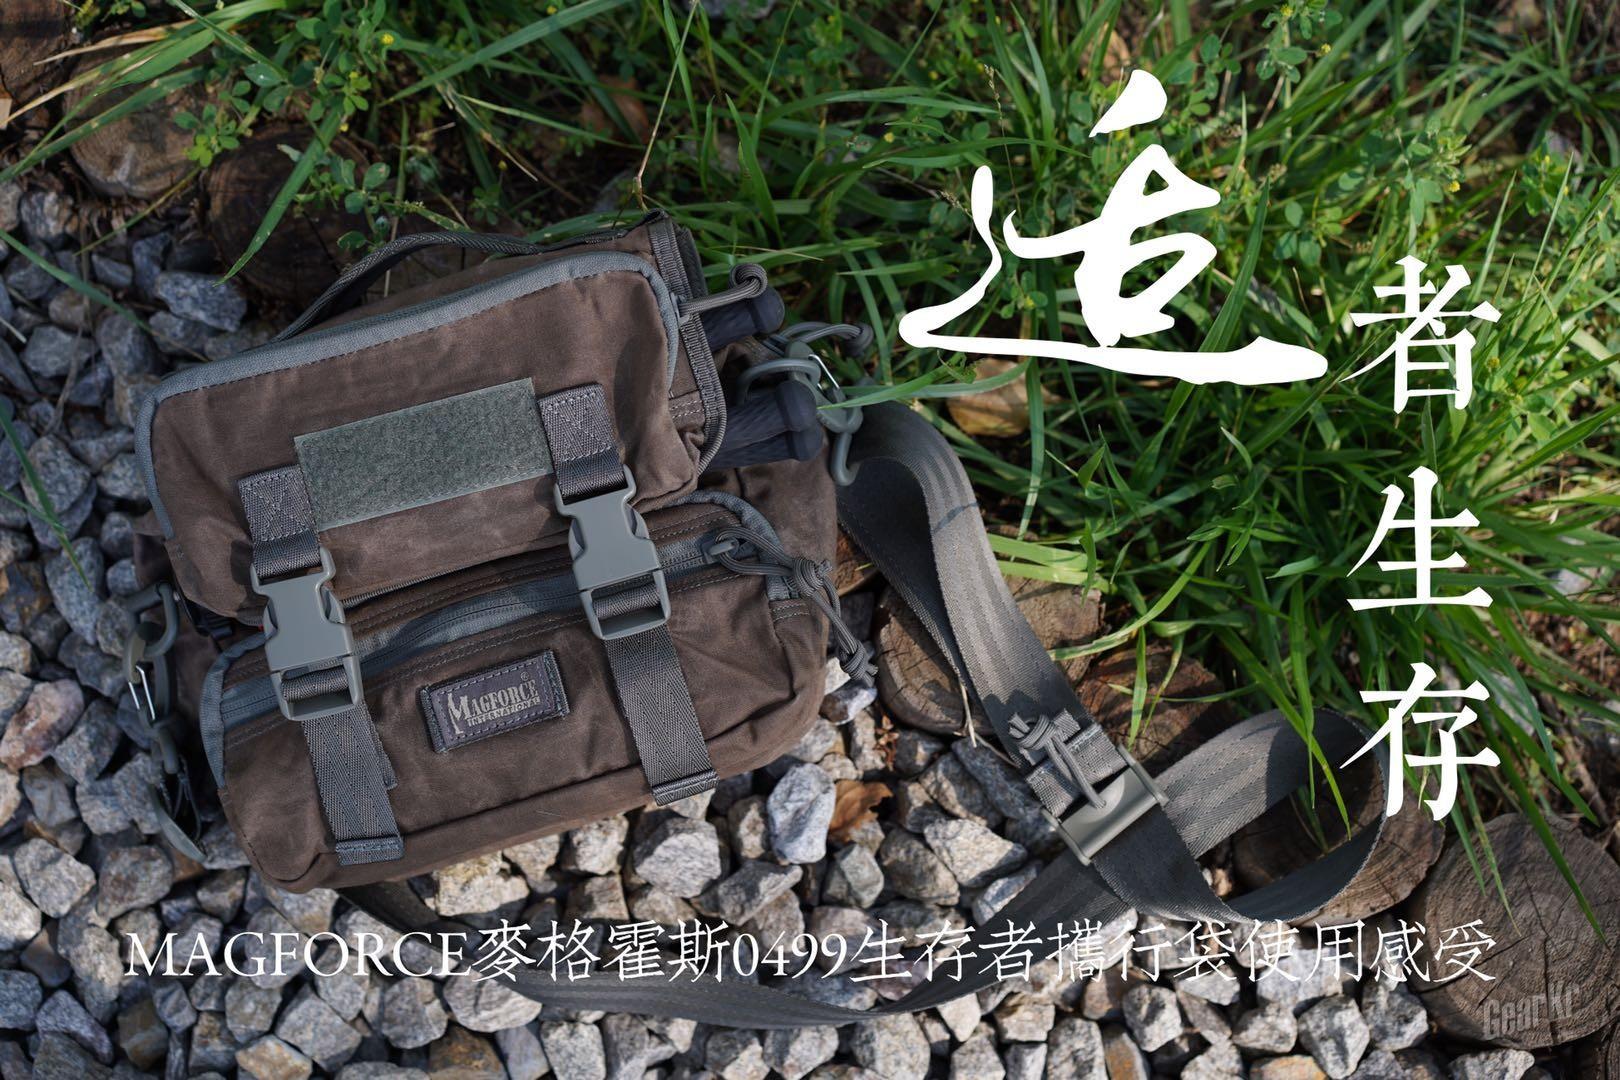 适者生存——MAGFORCE麦格霍斯0499生存者携行袋使用感受